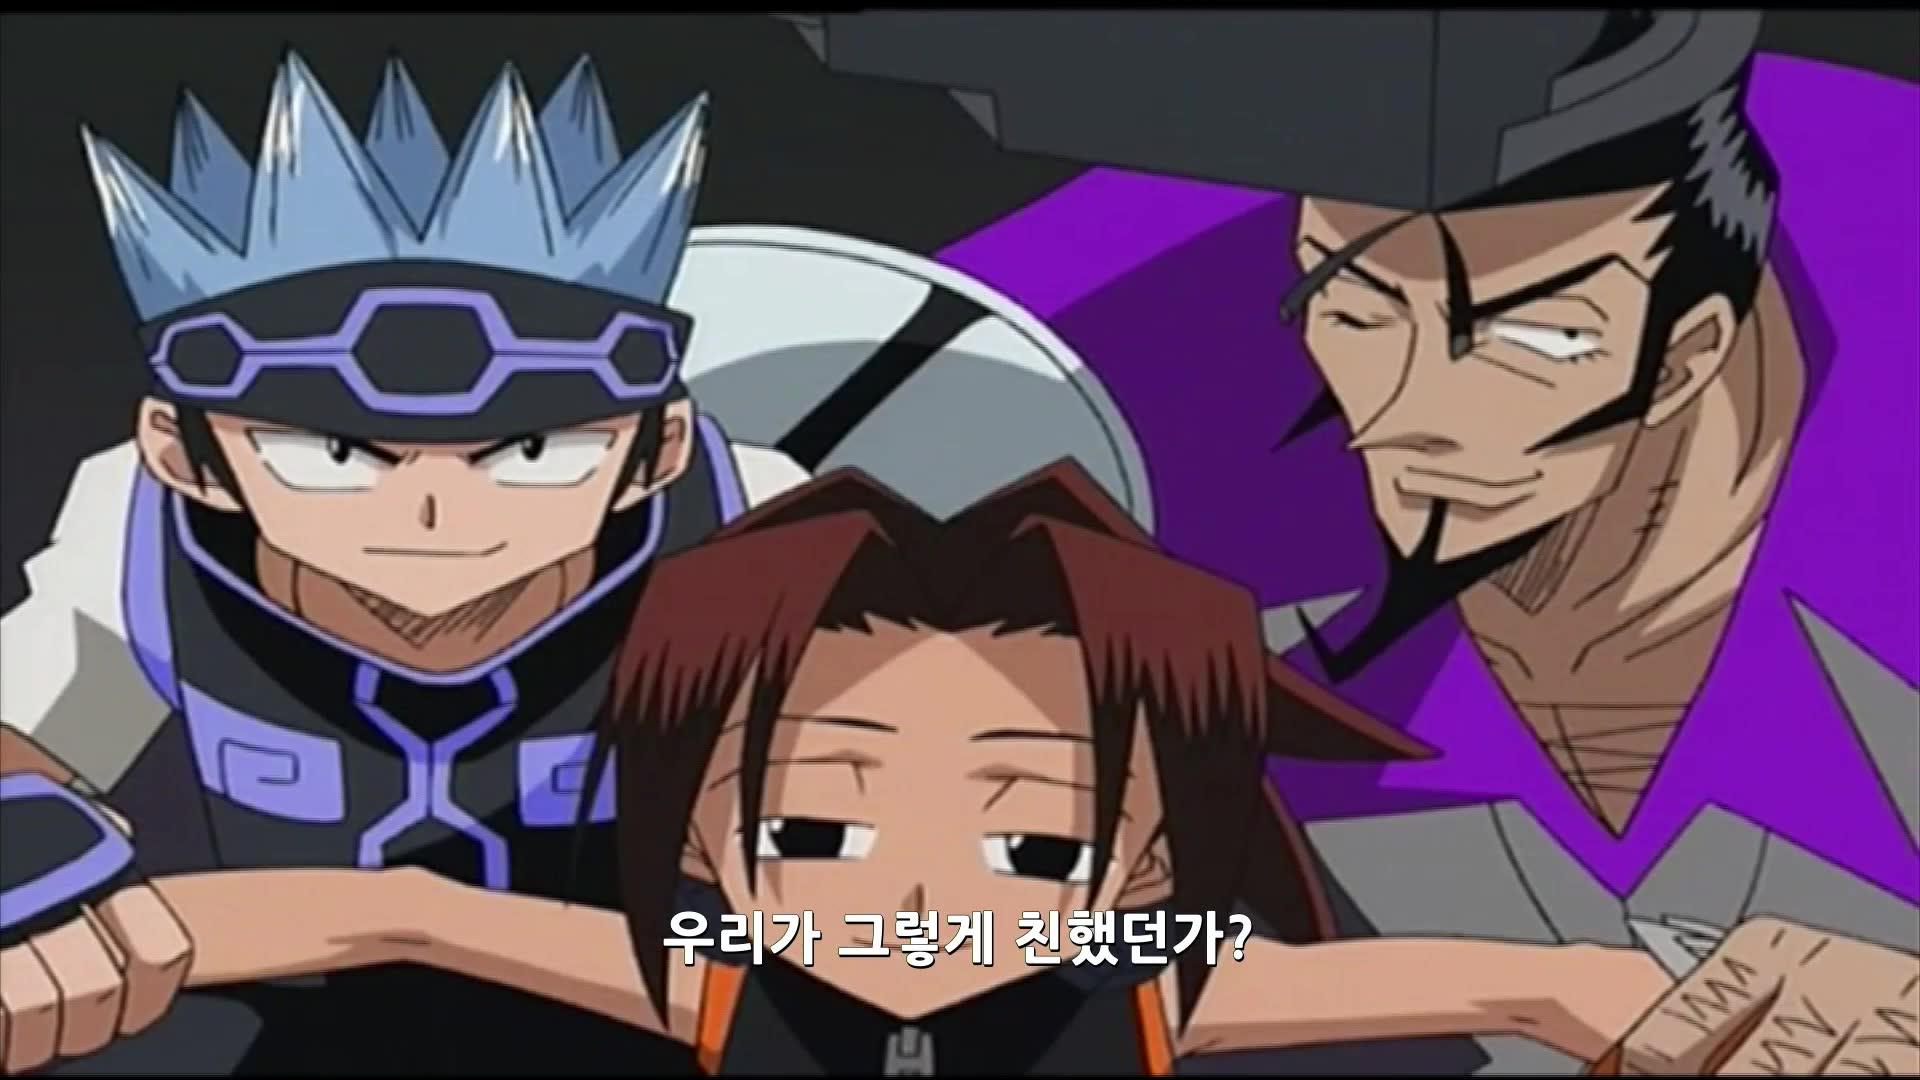 제 24화 불사신 타오 엔